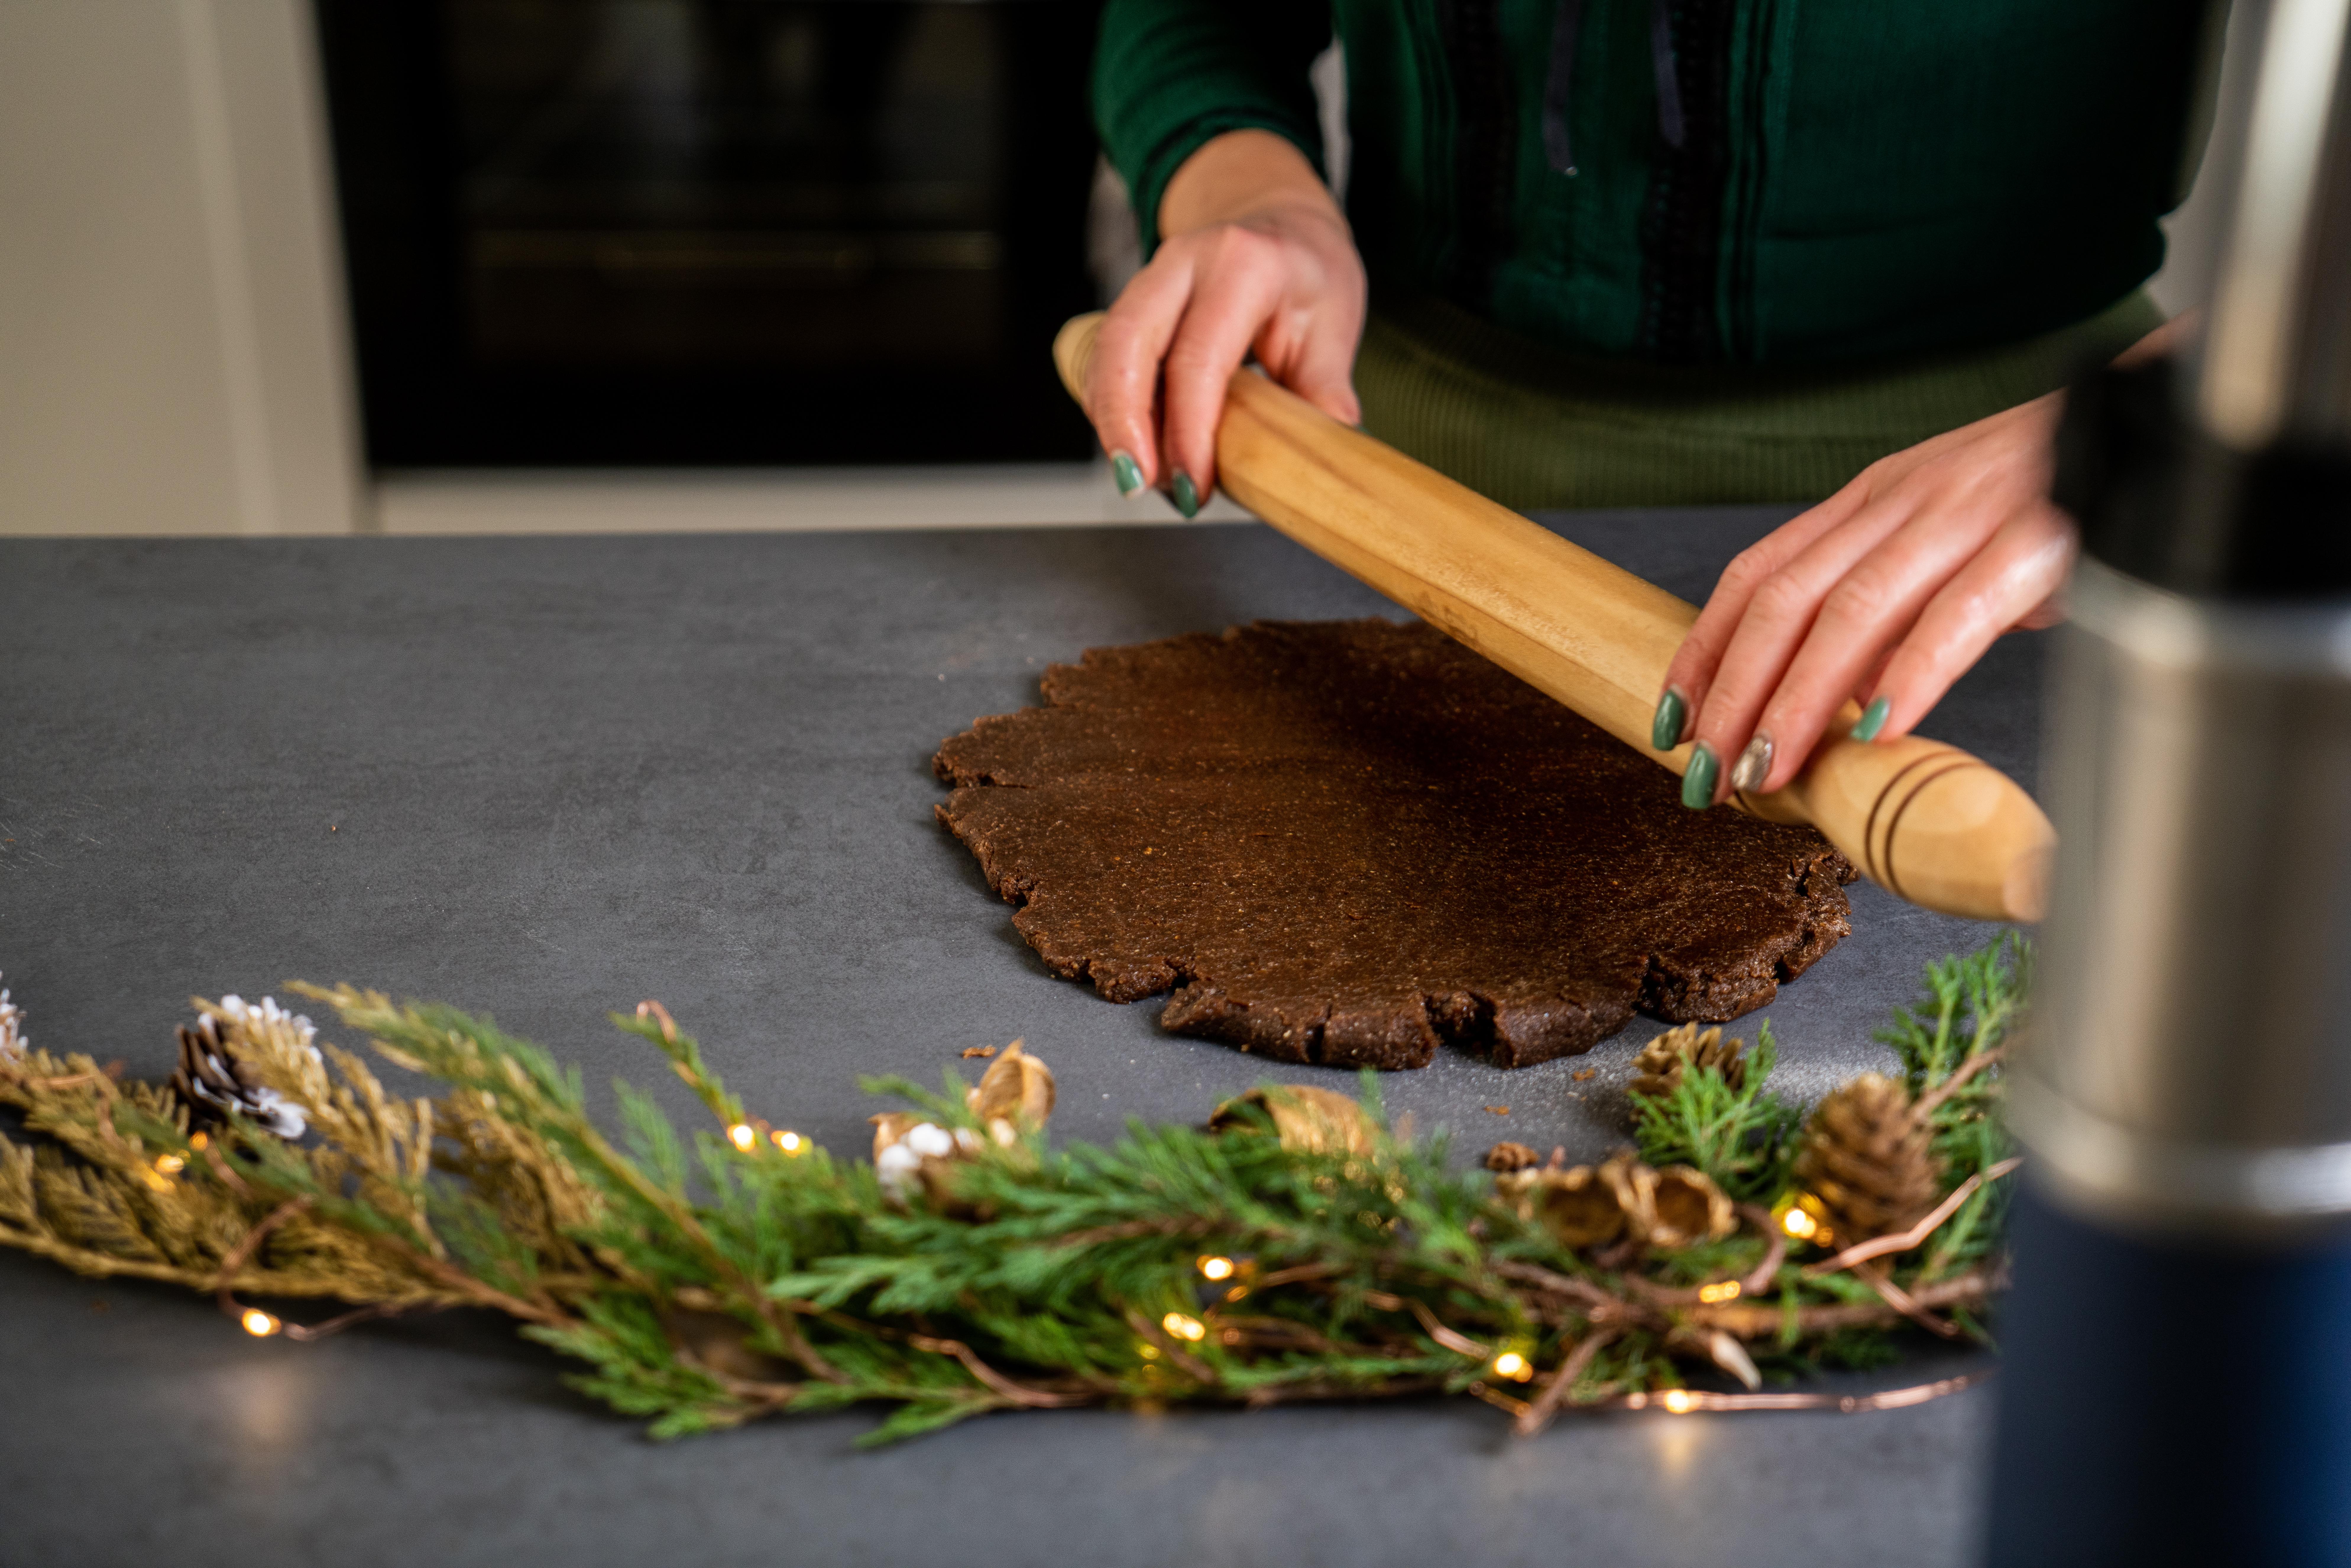 pasos para preparar galletas caseras con jengibre, estirar masa con manteca de coco, ideas de recetas saludables caseras